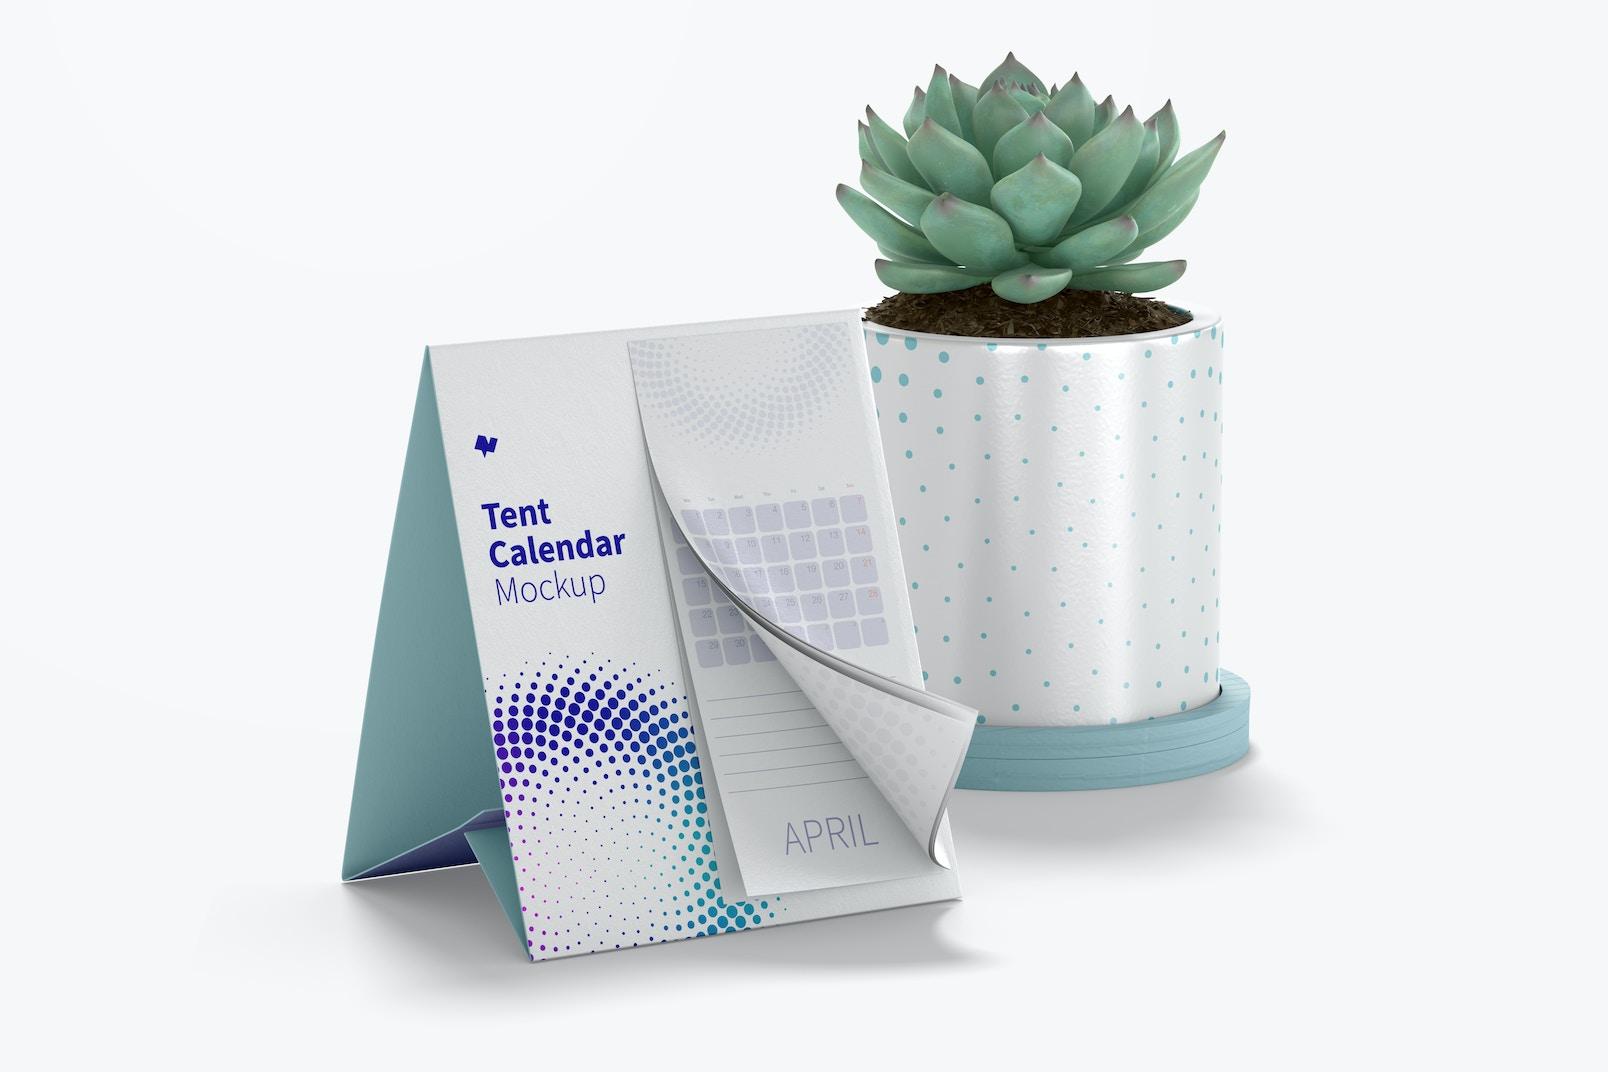 Tent Calendar with Plan Pot Mockup